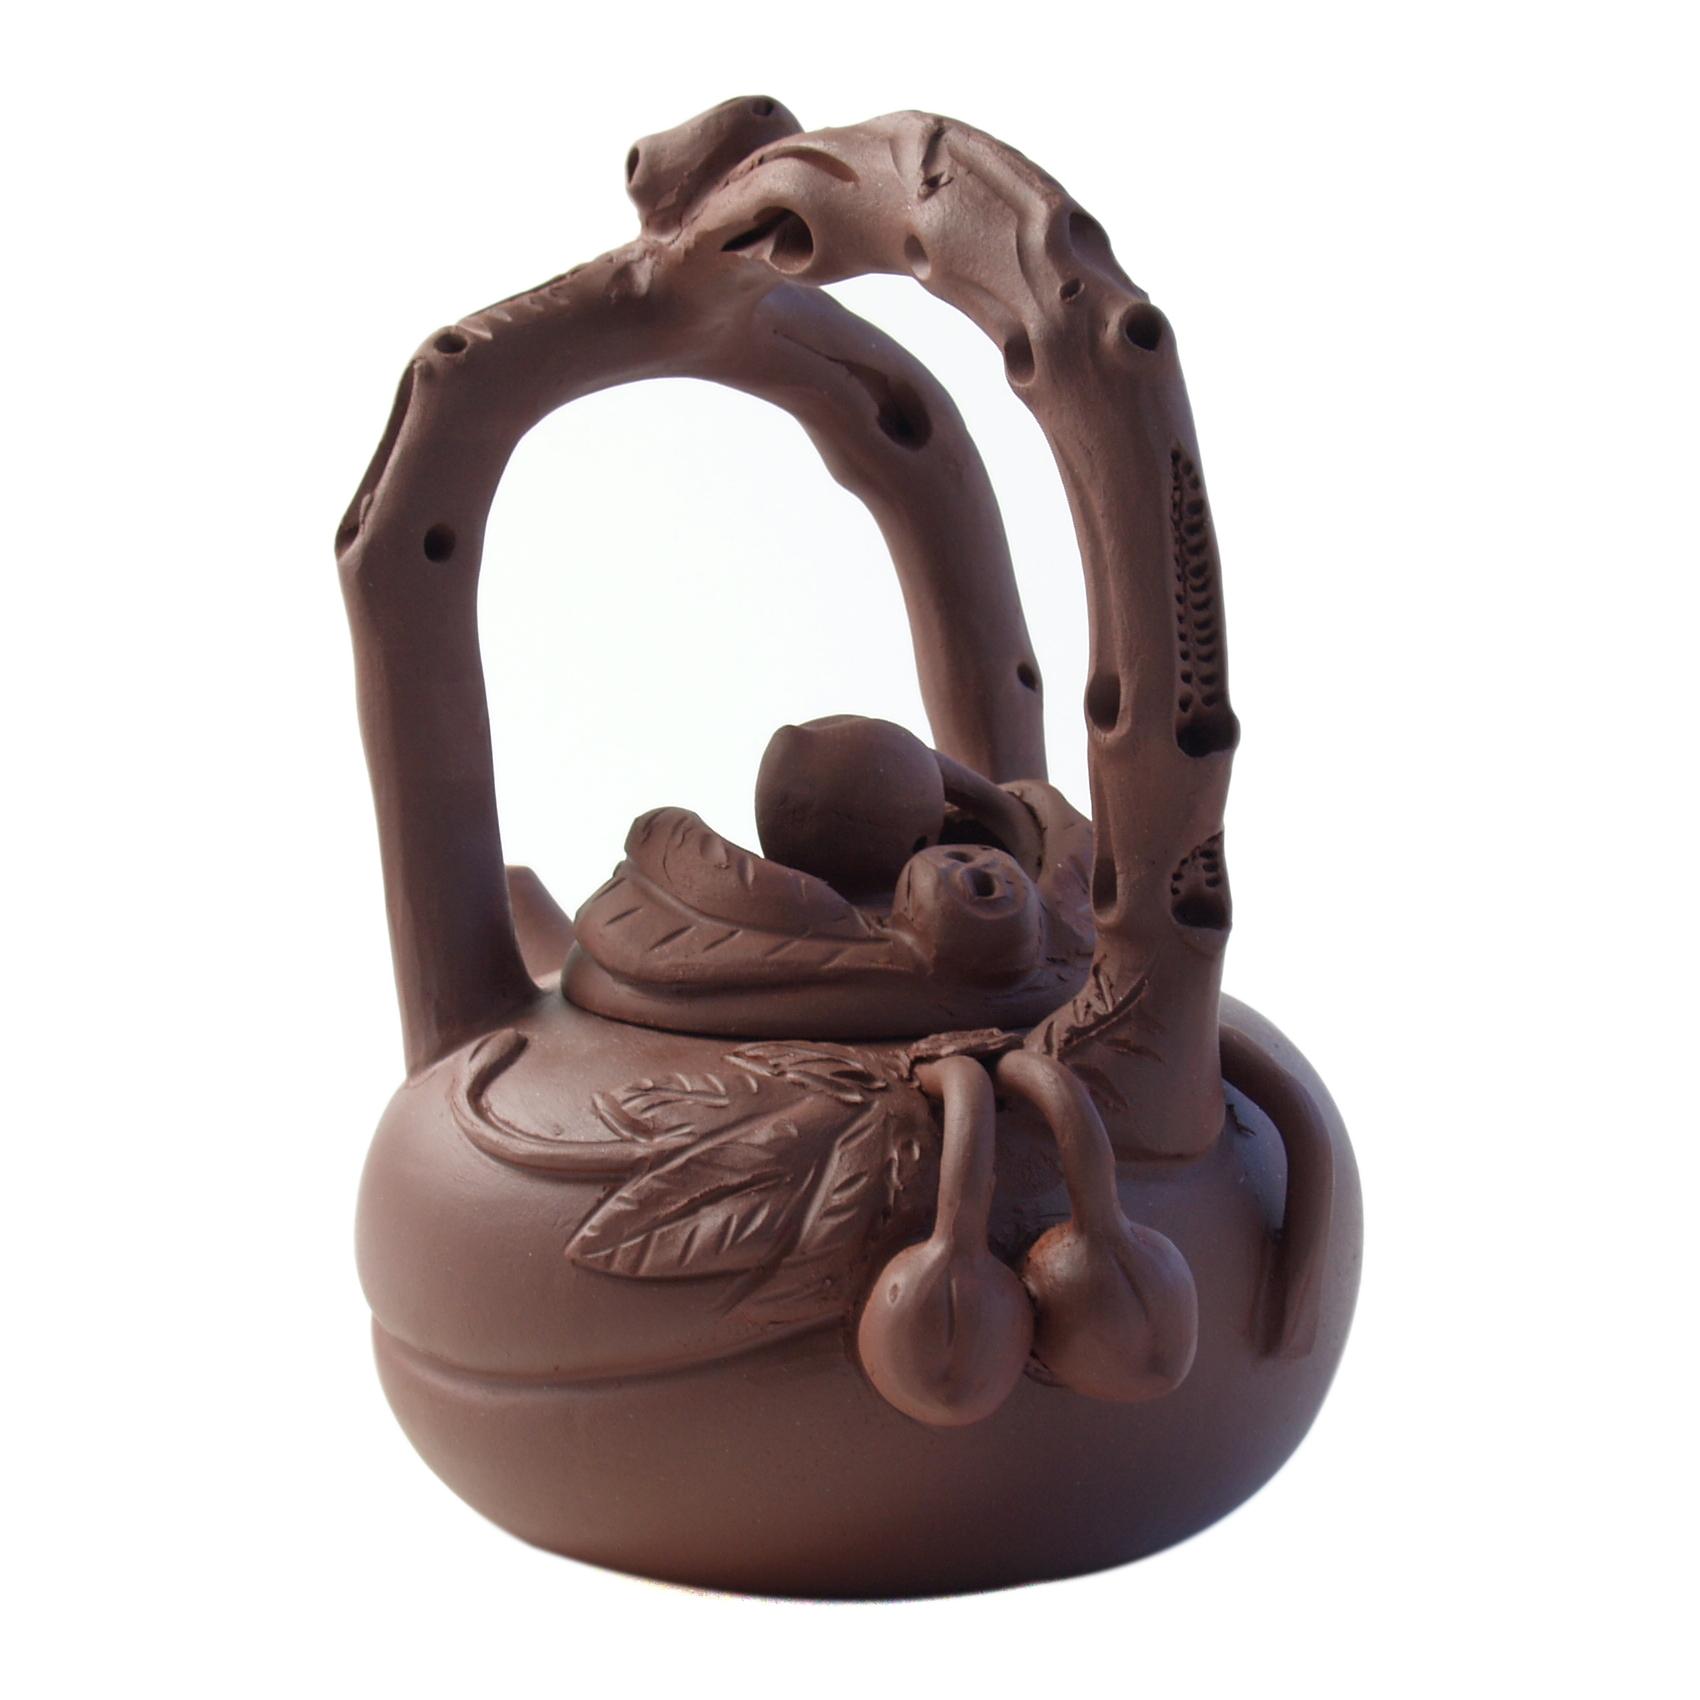 Yixing Monkey On Horse Teapot, 6 Ounce